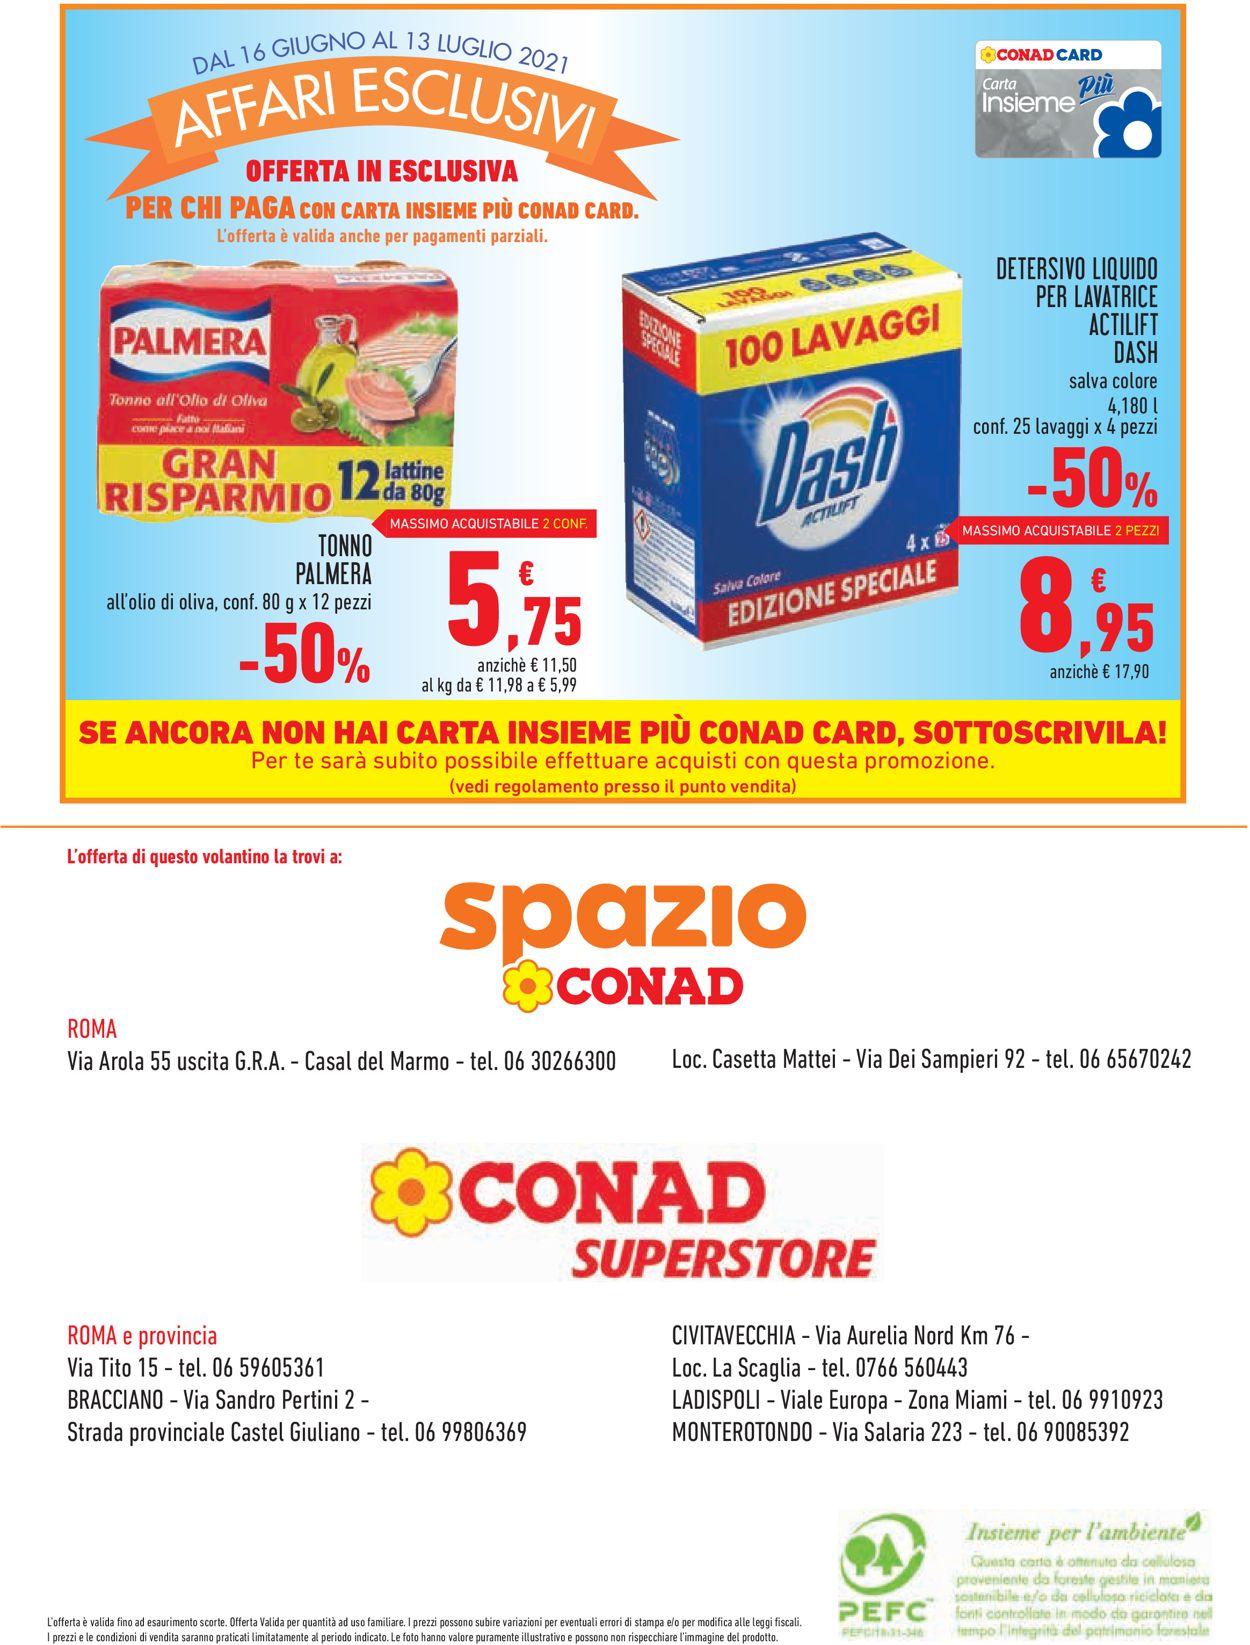 Volantino Conad - Offerte 16/06-13/07/2021 (Pagina 16)